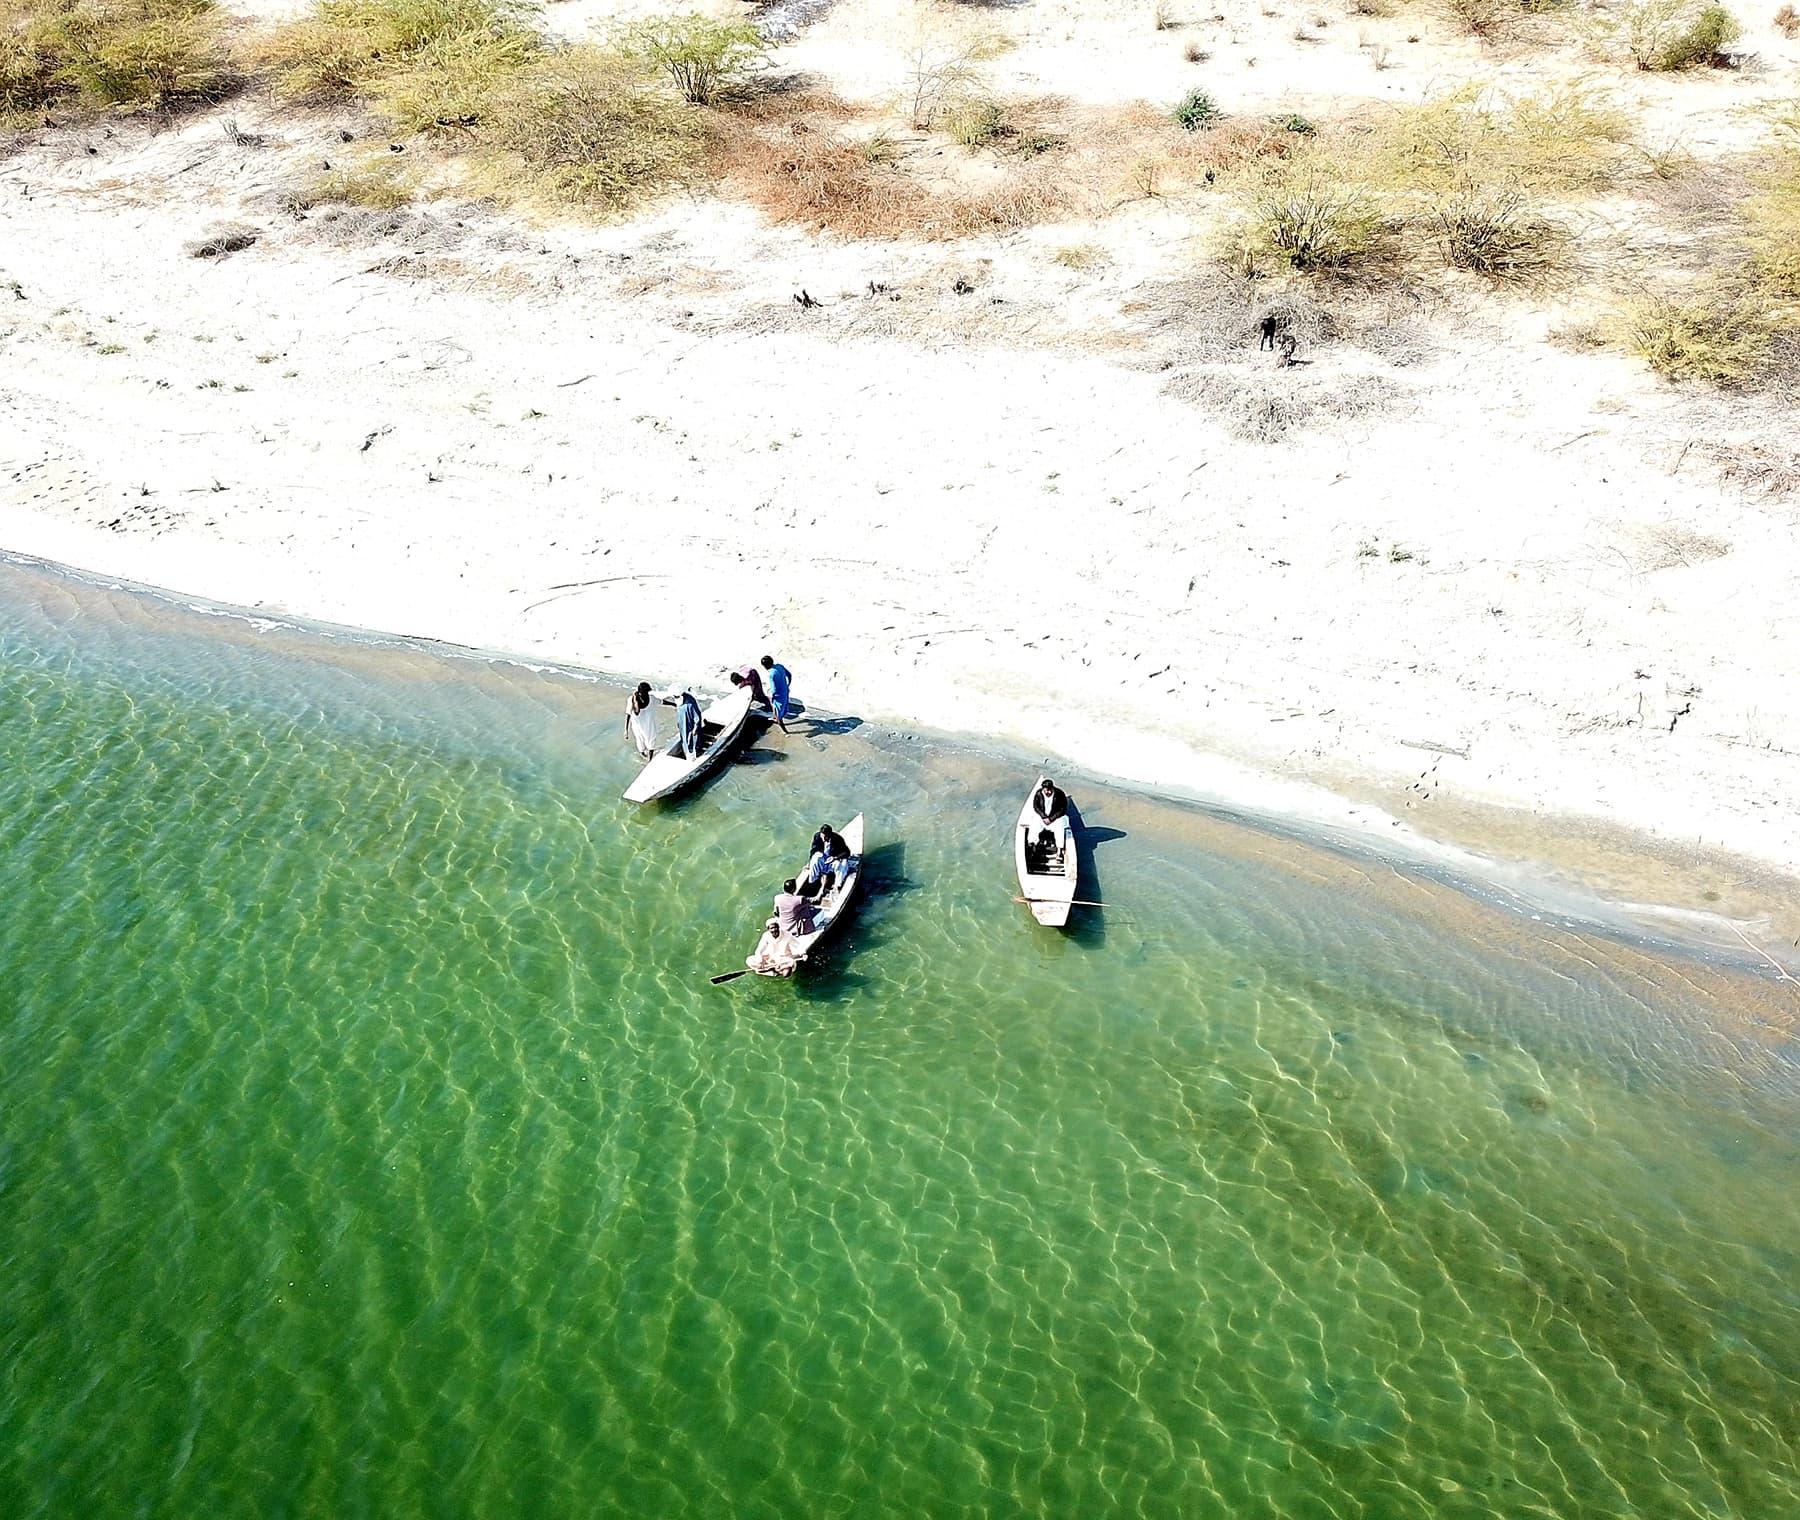 کلانکر جھیل کا ایک فضائی منظر—تصویر نظر ولھاری